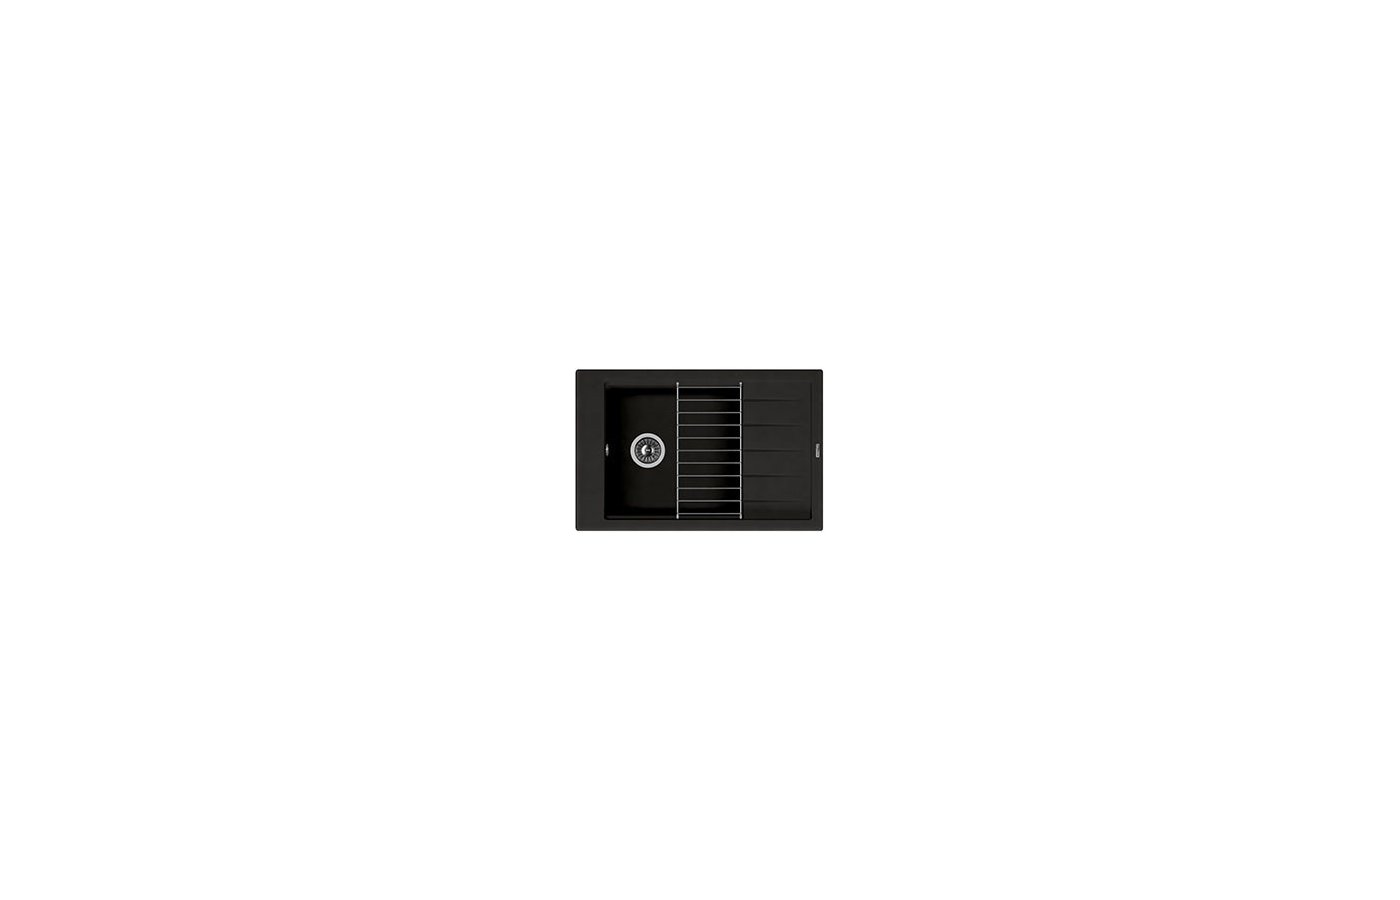 Кухонная мойка Florentina ЛИПСИ 780Р Черный FG